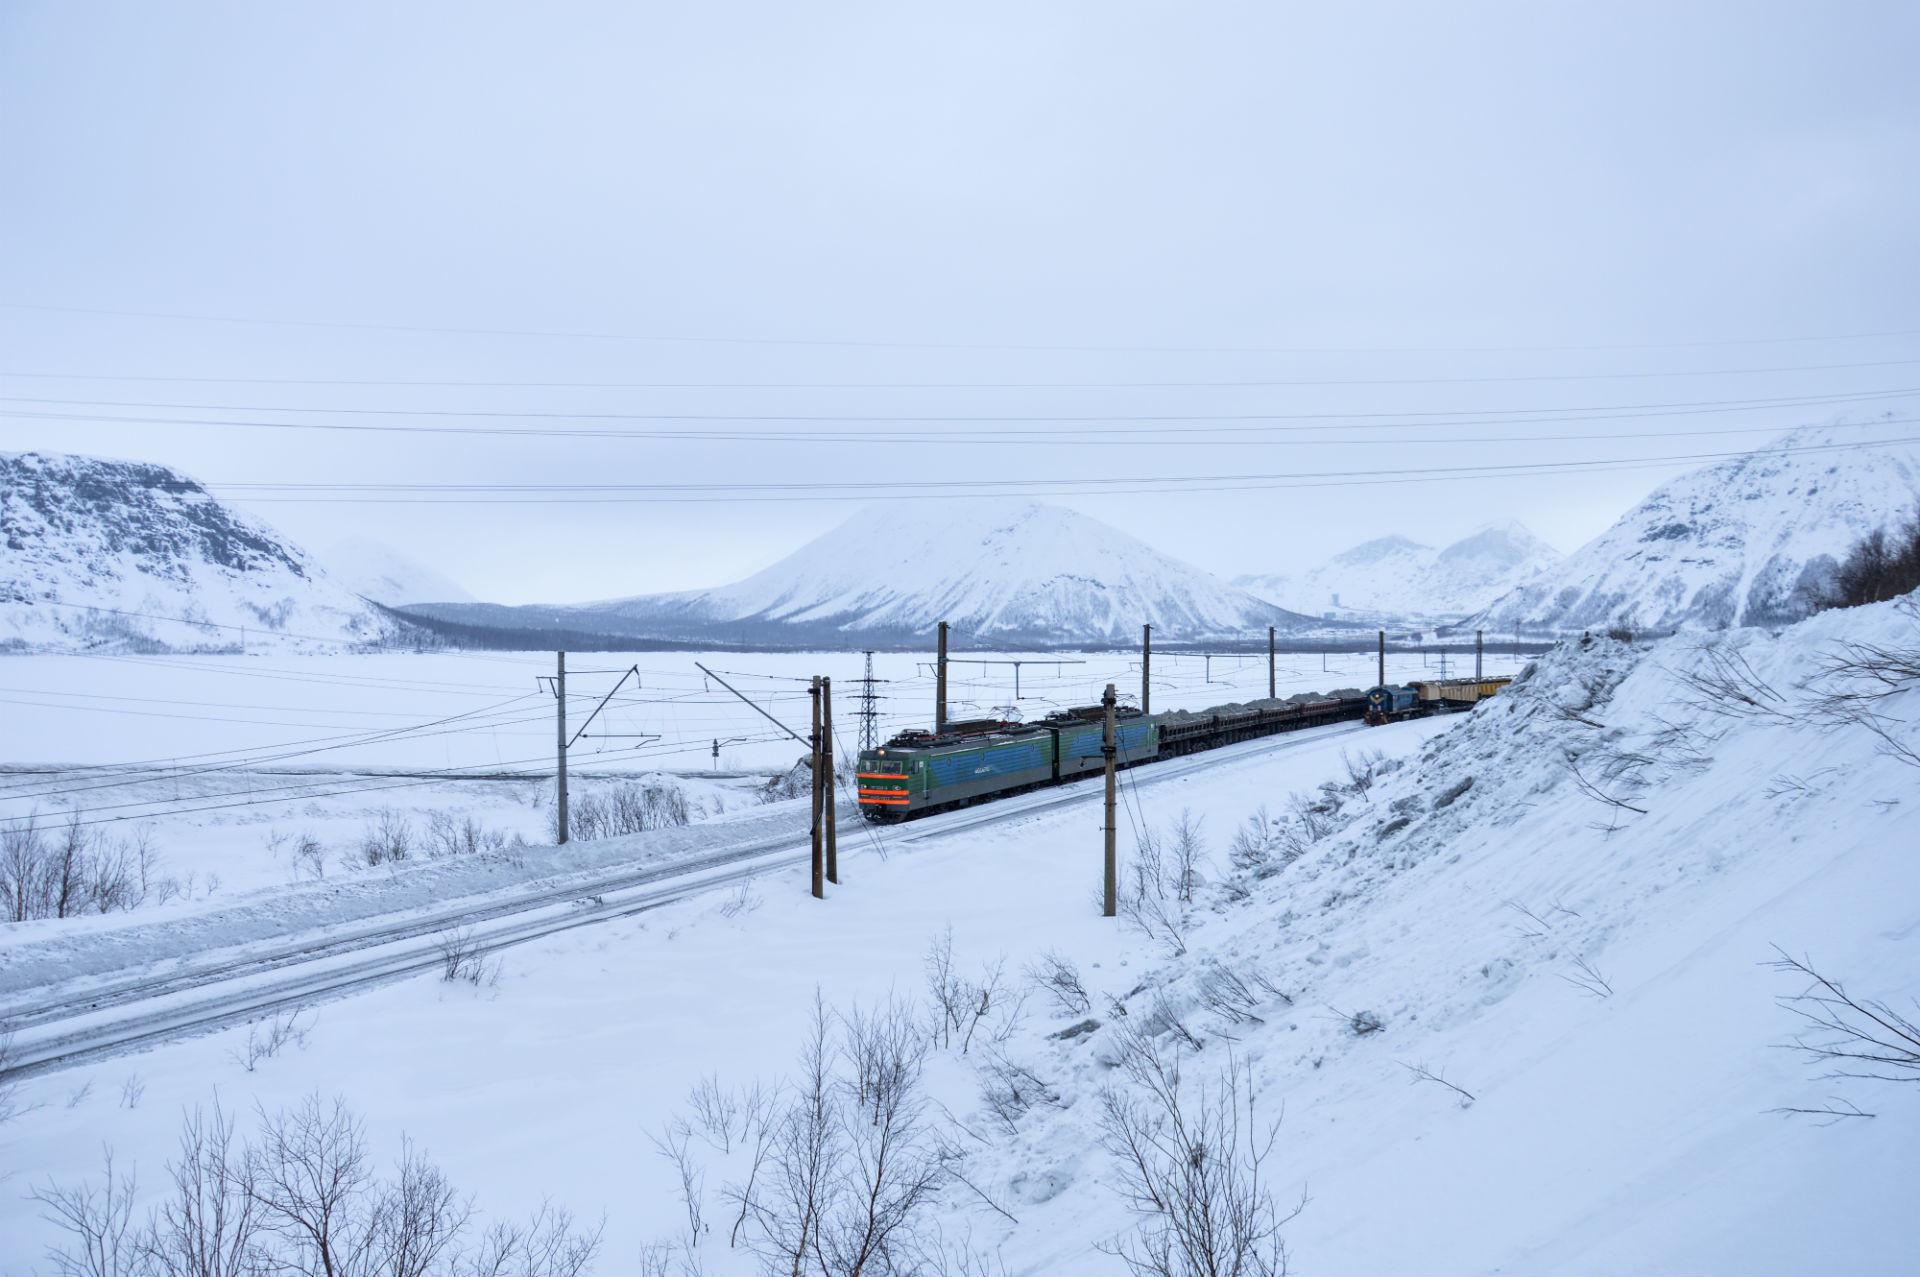 Un treno merci carico di minerali si snoda sui binari